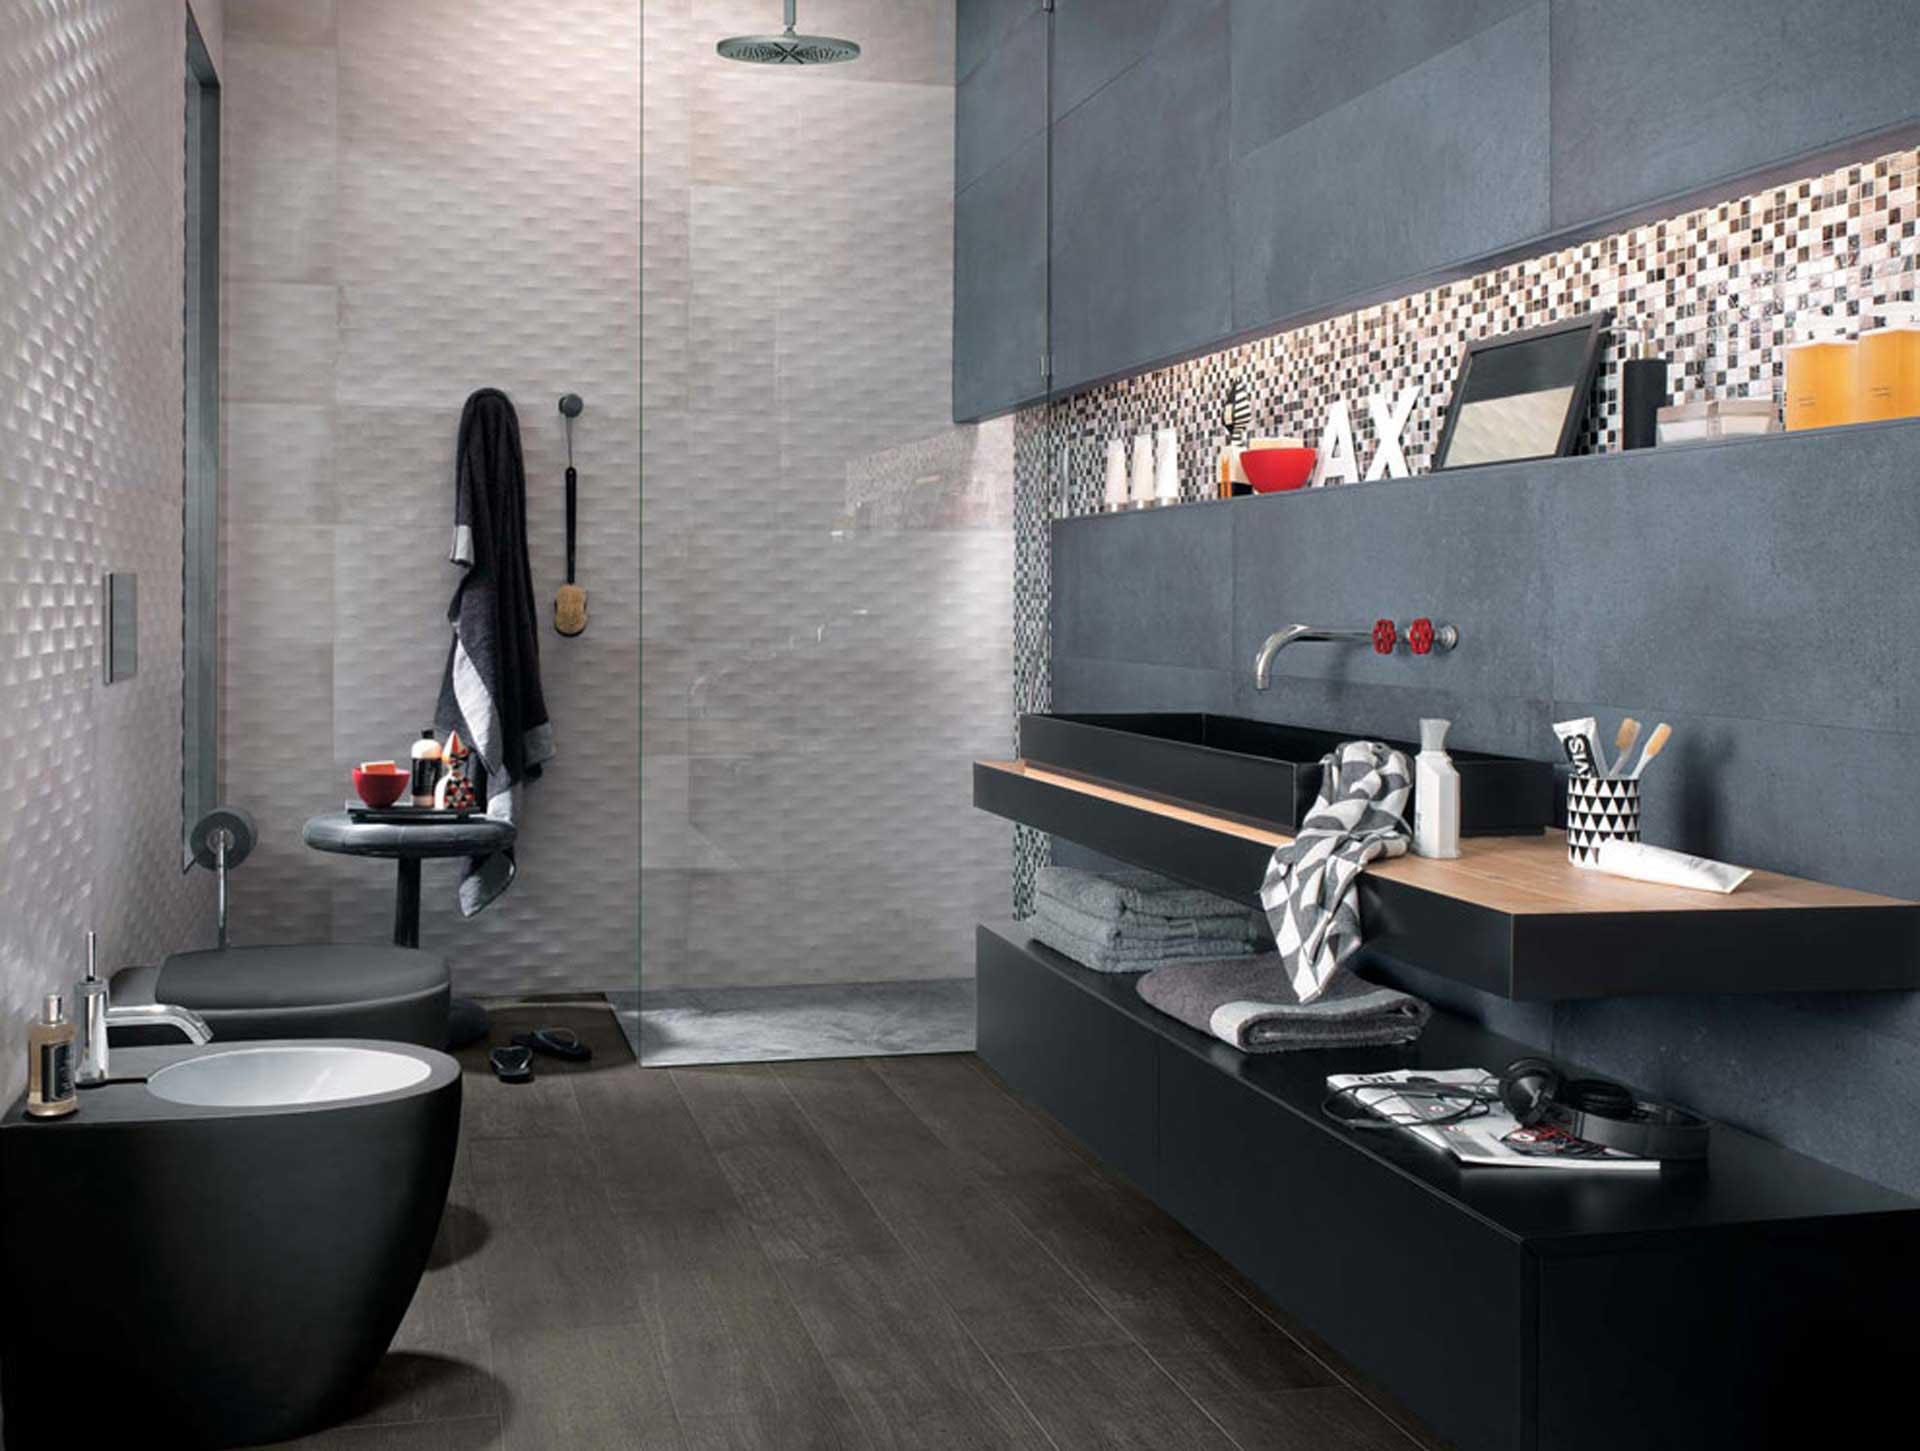 creta il rivestimento bagno tradizionale dal gusto contemporaneo orsolini. Black Bedroom Furniture Sets. Home Design Ideas